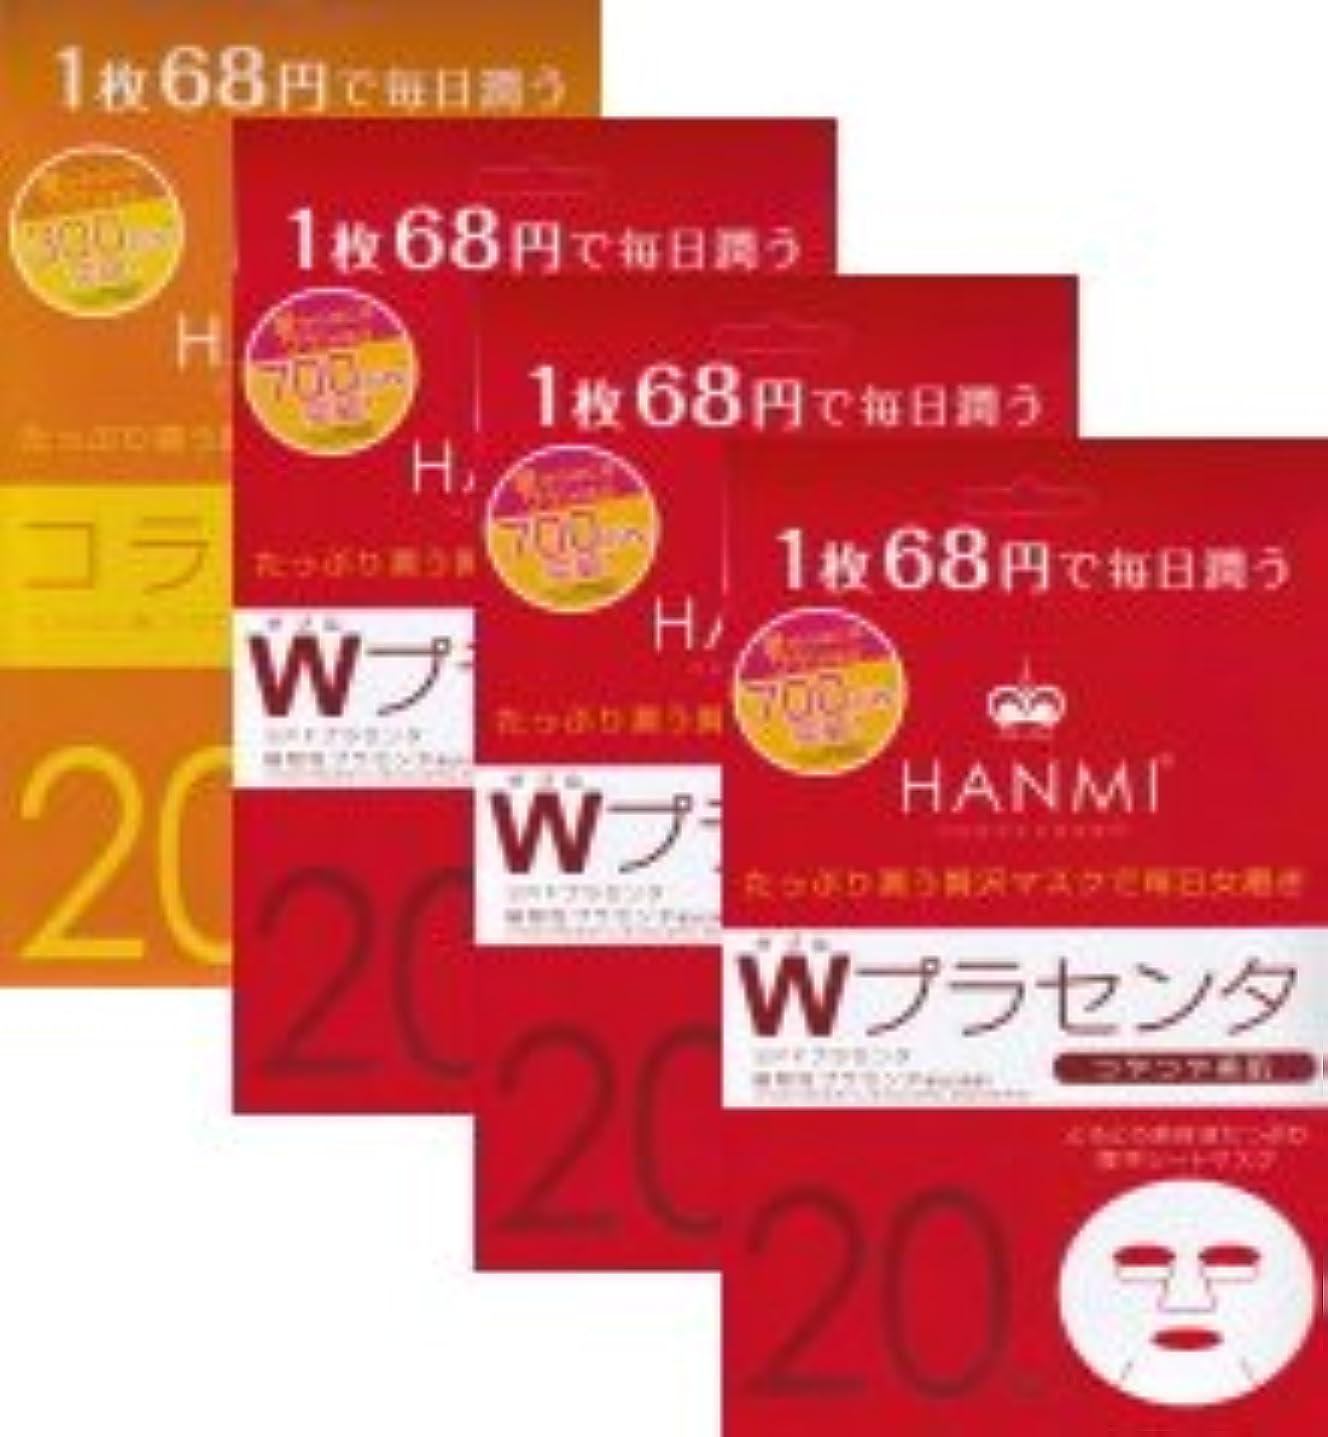 キリン主ブルーベルMIGAKI ハンミフェイスマスク(20枚入り)「コラーゲン×1個」「Wプラセンタ×3個」の4個セット